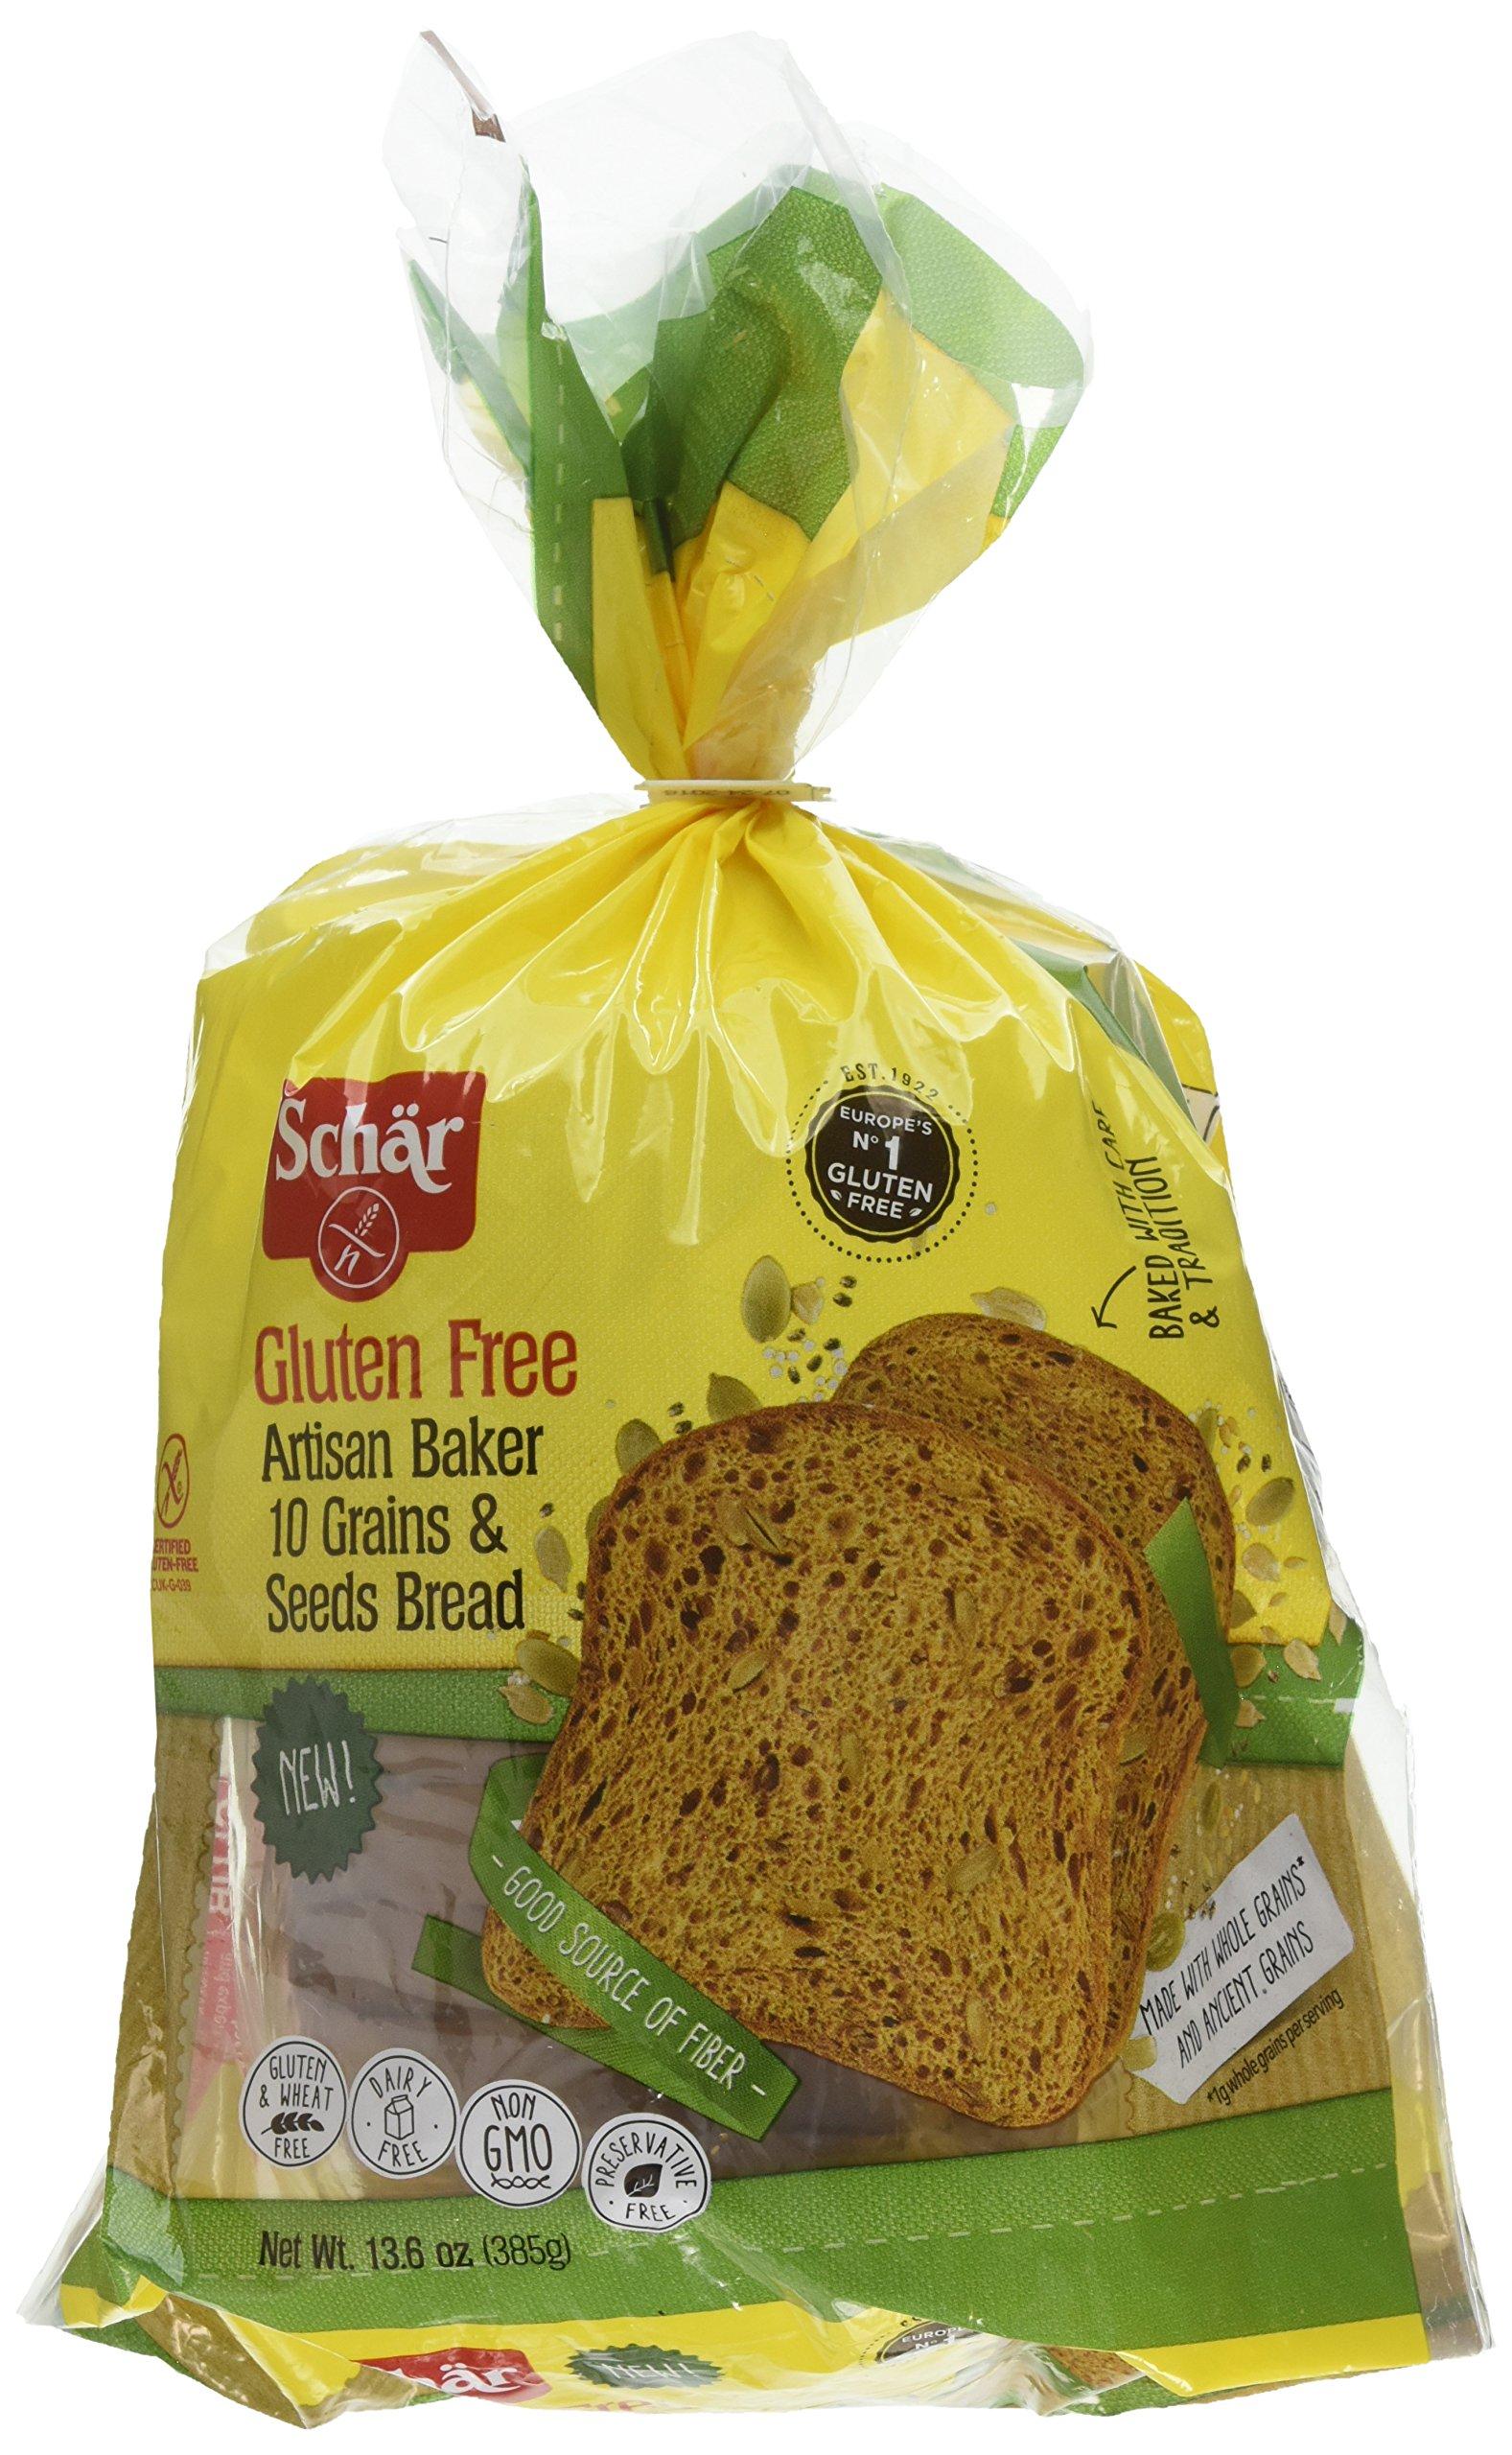 Schar Gluten Free Artisan Baker 10 Grain & Seeds Bread, 6 Count by Schar